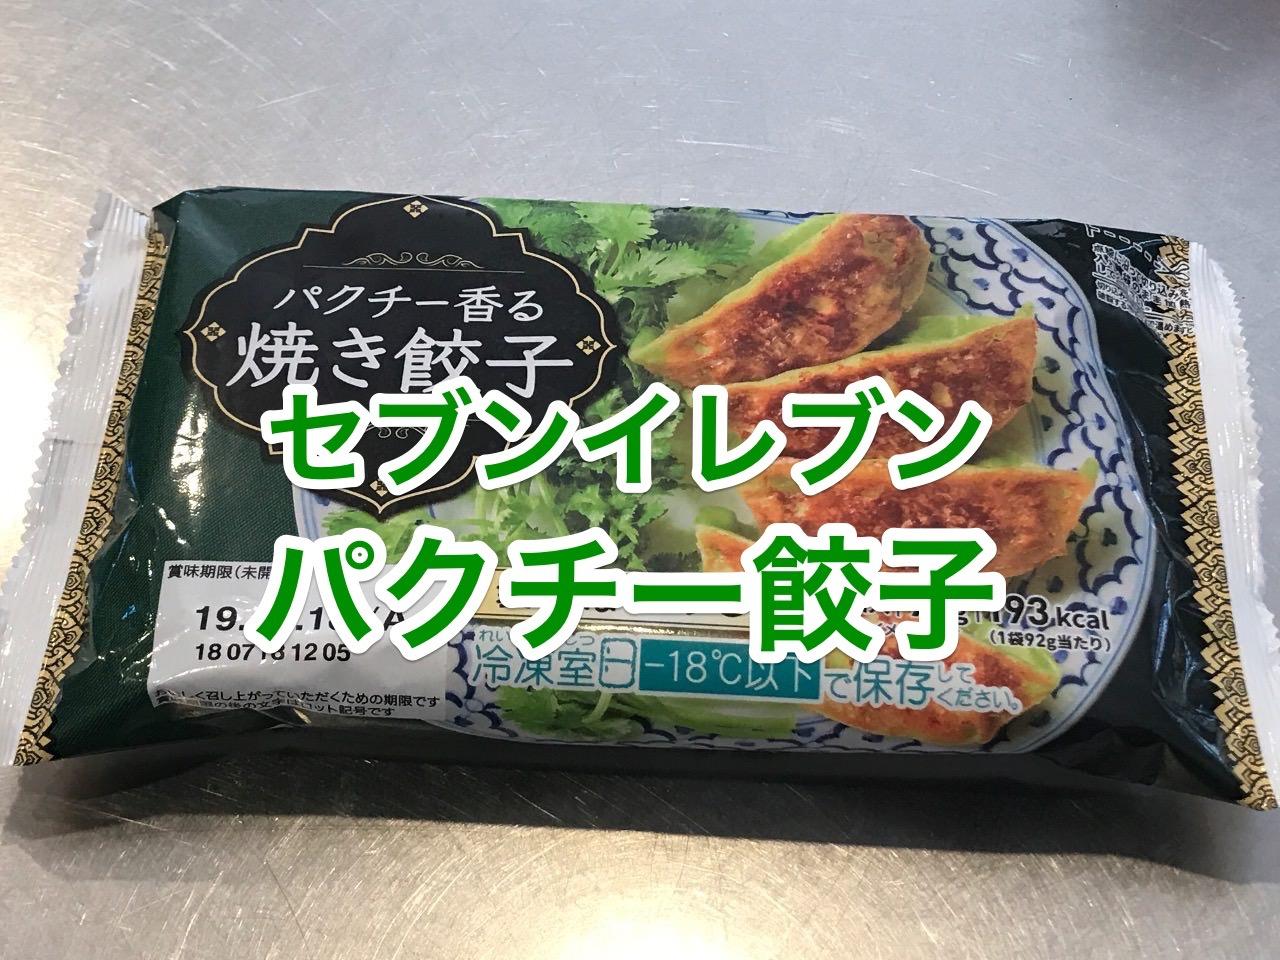 【セブンイレブン】冷凍食品「パクチー香る焼き餃子」香りも味もしっかりパクチー